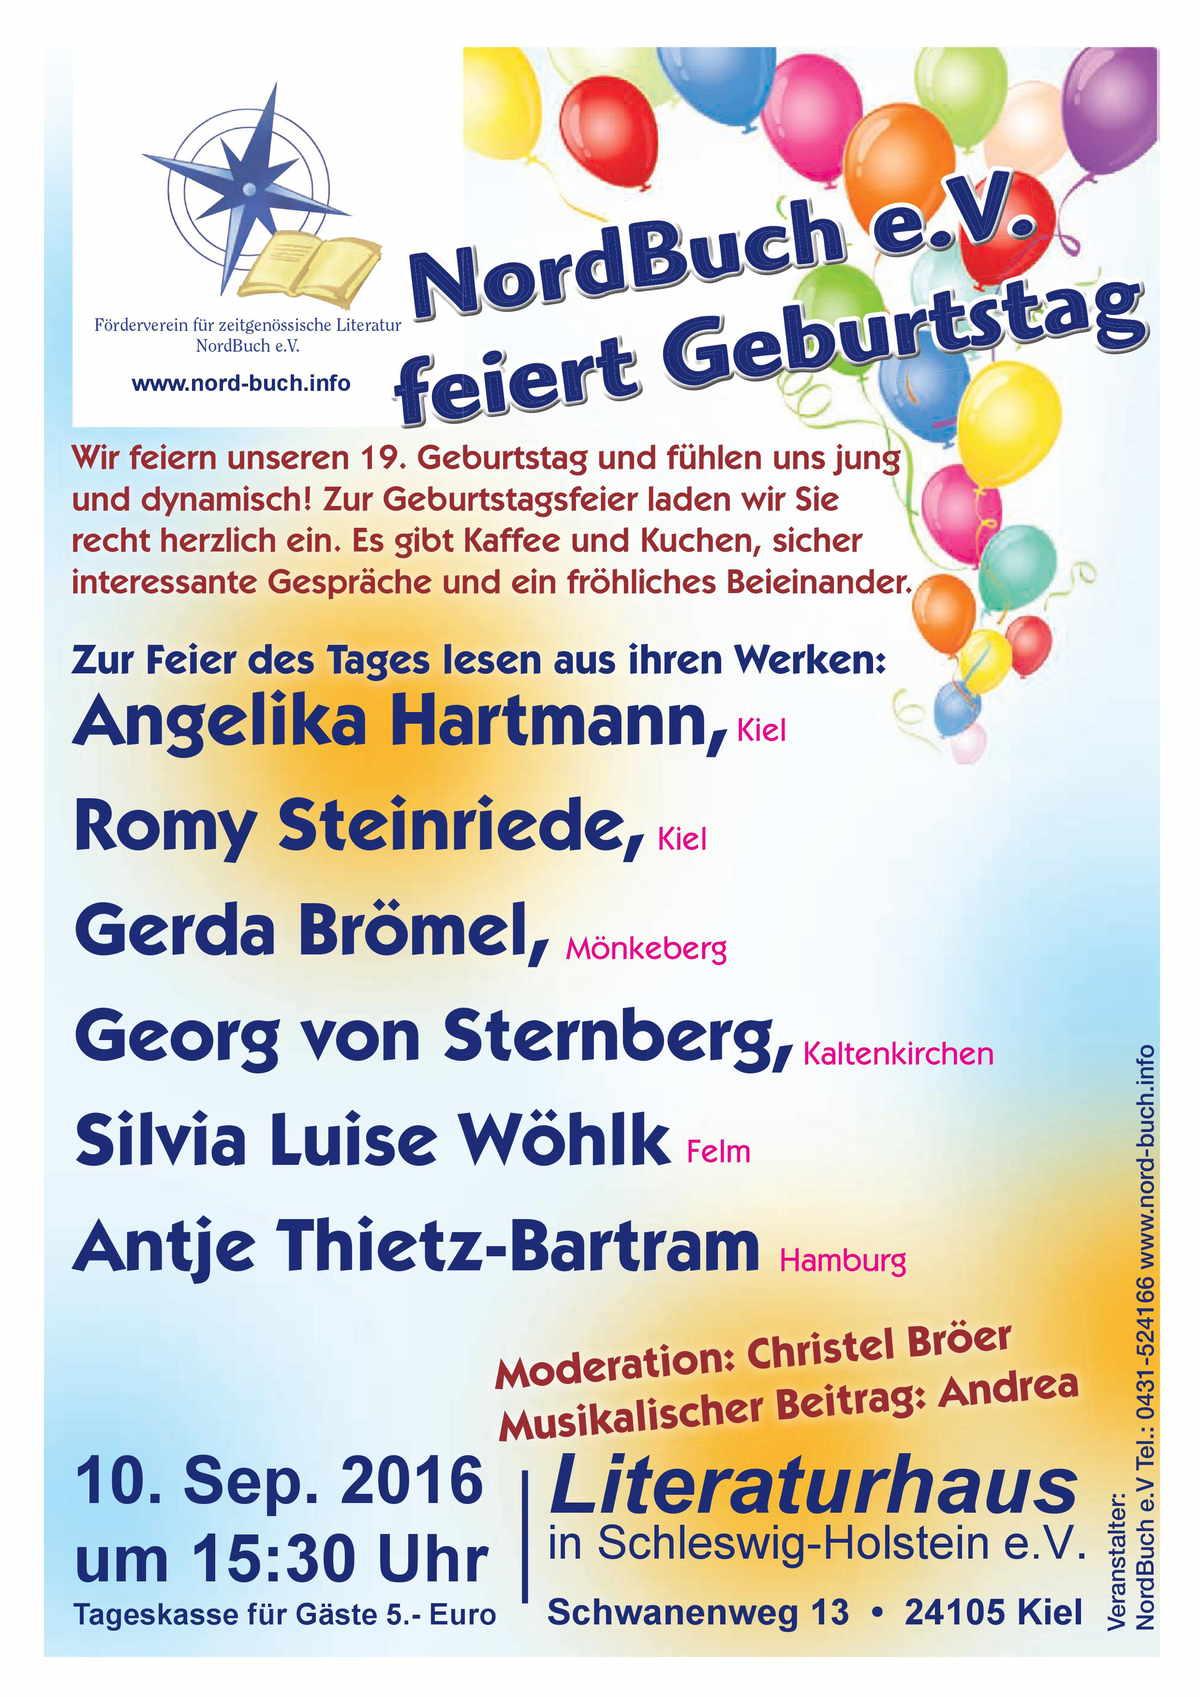 NordBuch-Geburtstag-19_PlakatWeb